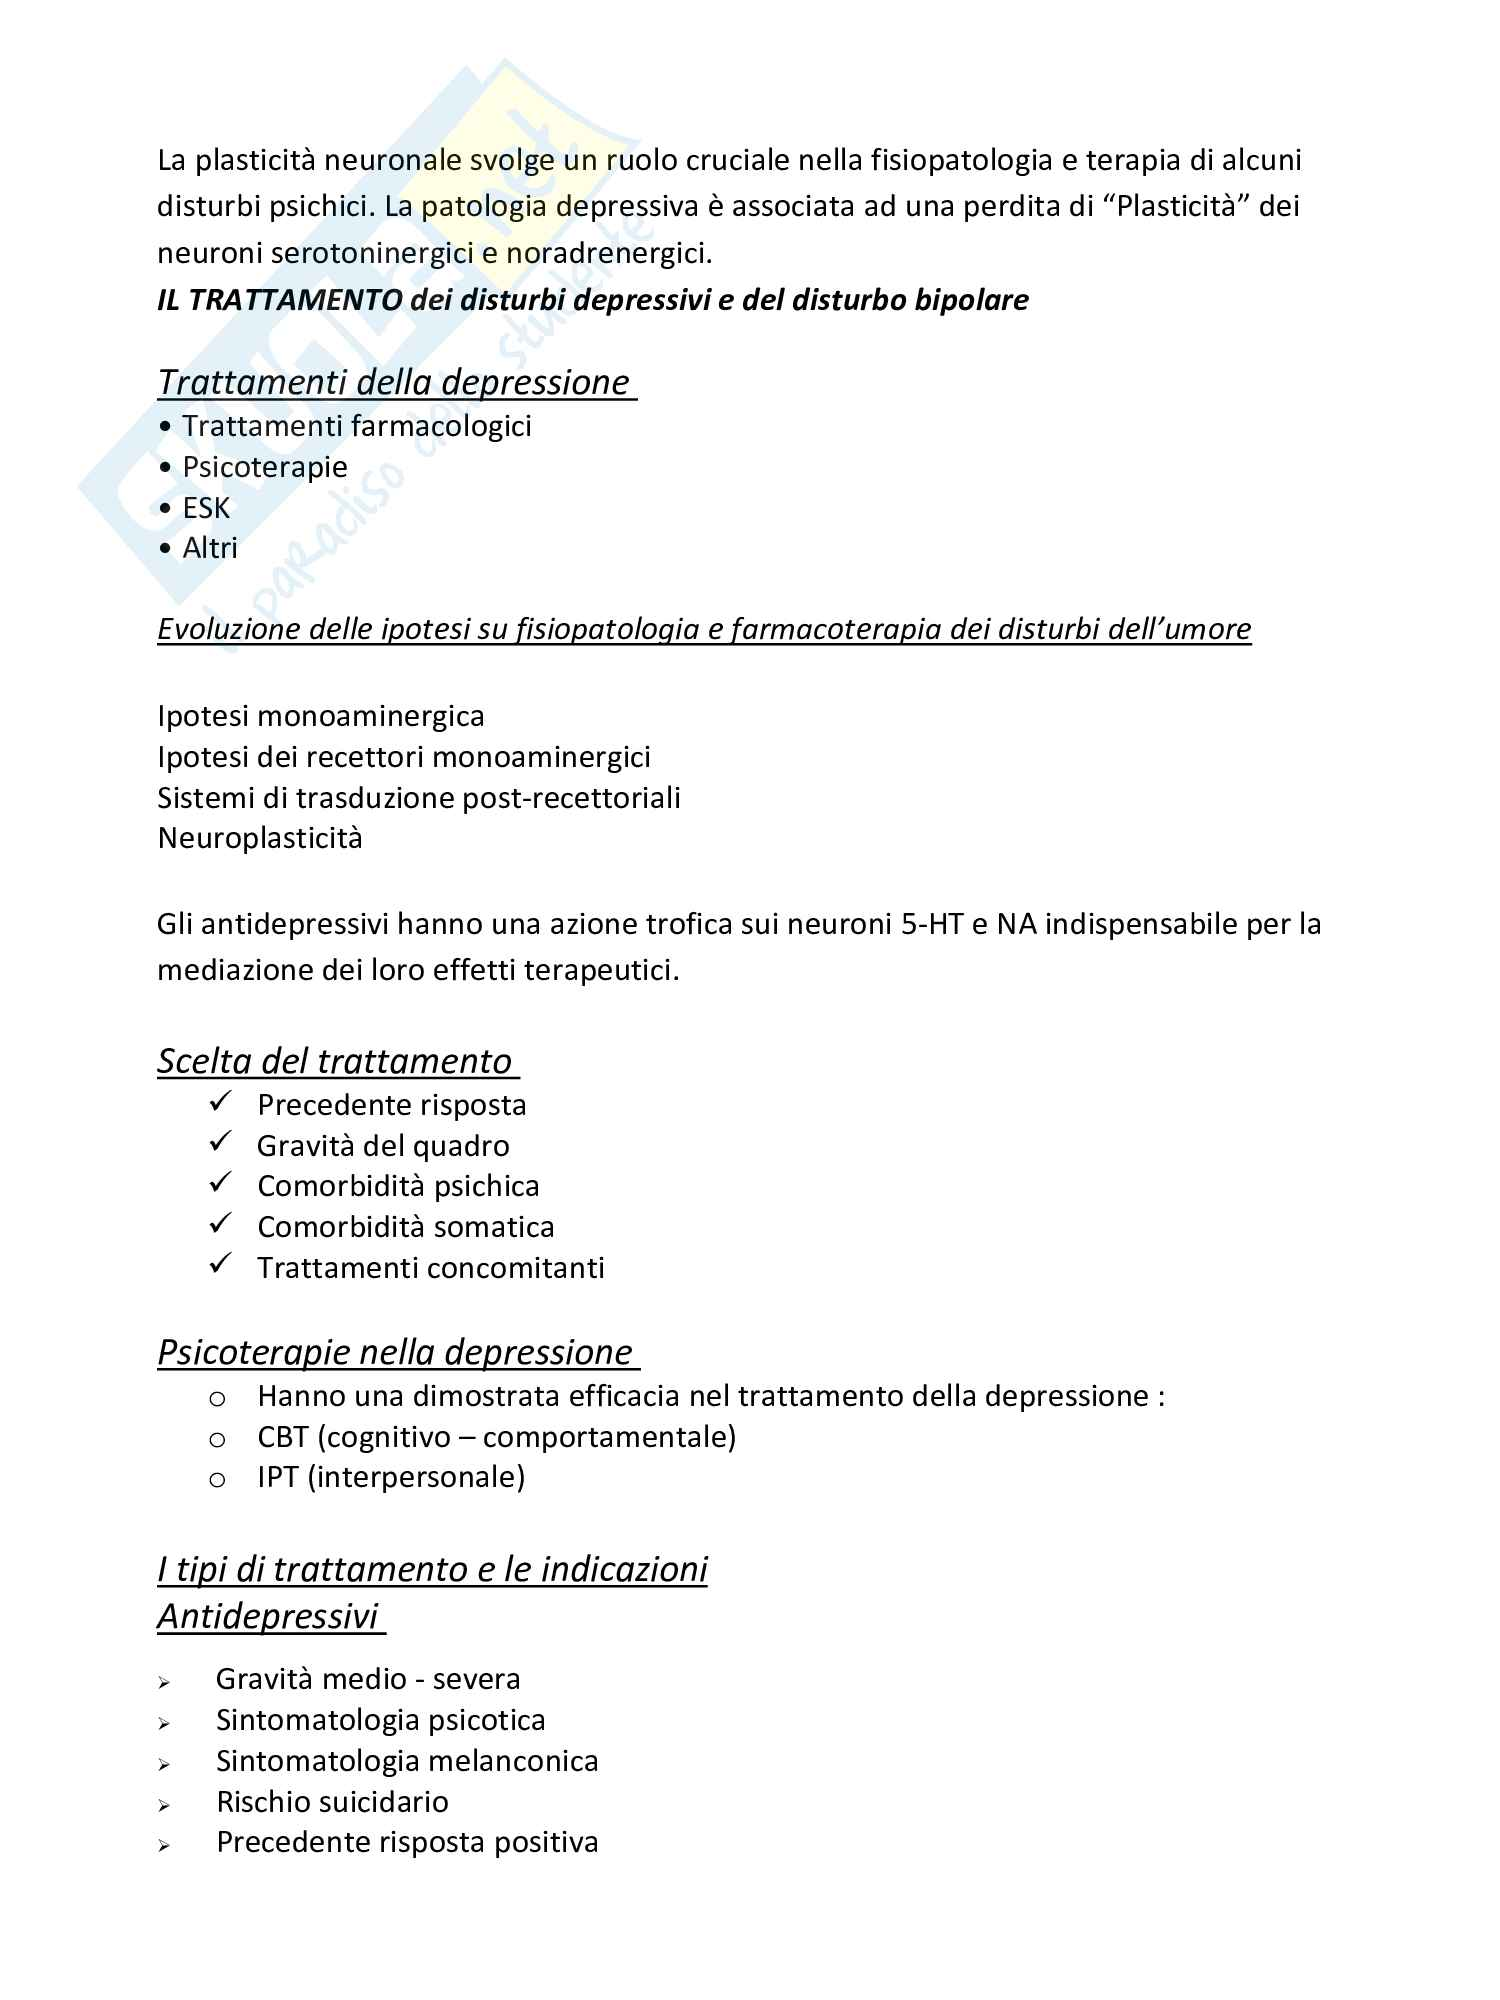 Disturbi dell'umoren/Disturbi dello spettro schizofrenico (classificazione DSMIV-Tr e DSMV, criteri diagnostici, terapia etc.) Pag. 11